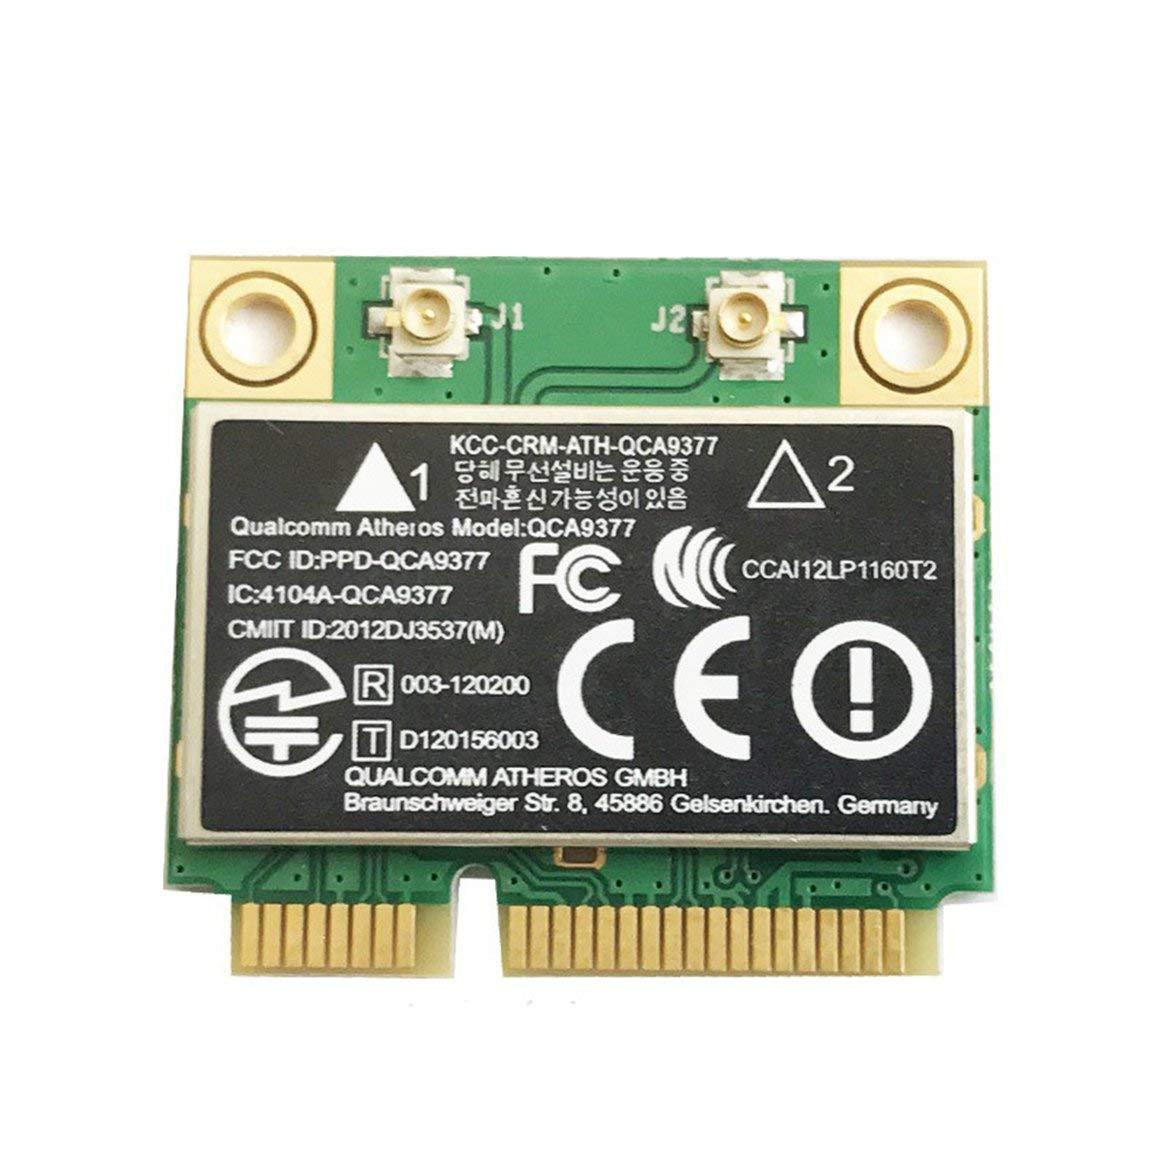 Atheros Qca9377ミニPci-eデュアルバンドAc Bluetooth 4.2ワイヤレスネットワークカードミニPci-e信号安定性(黒)